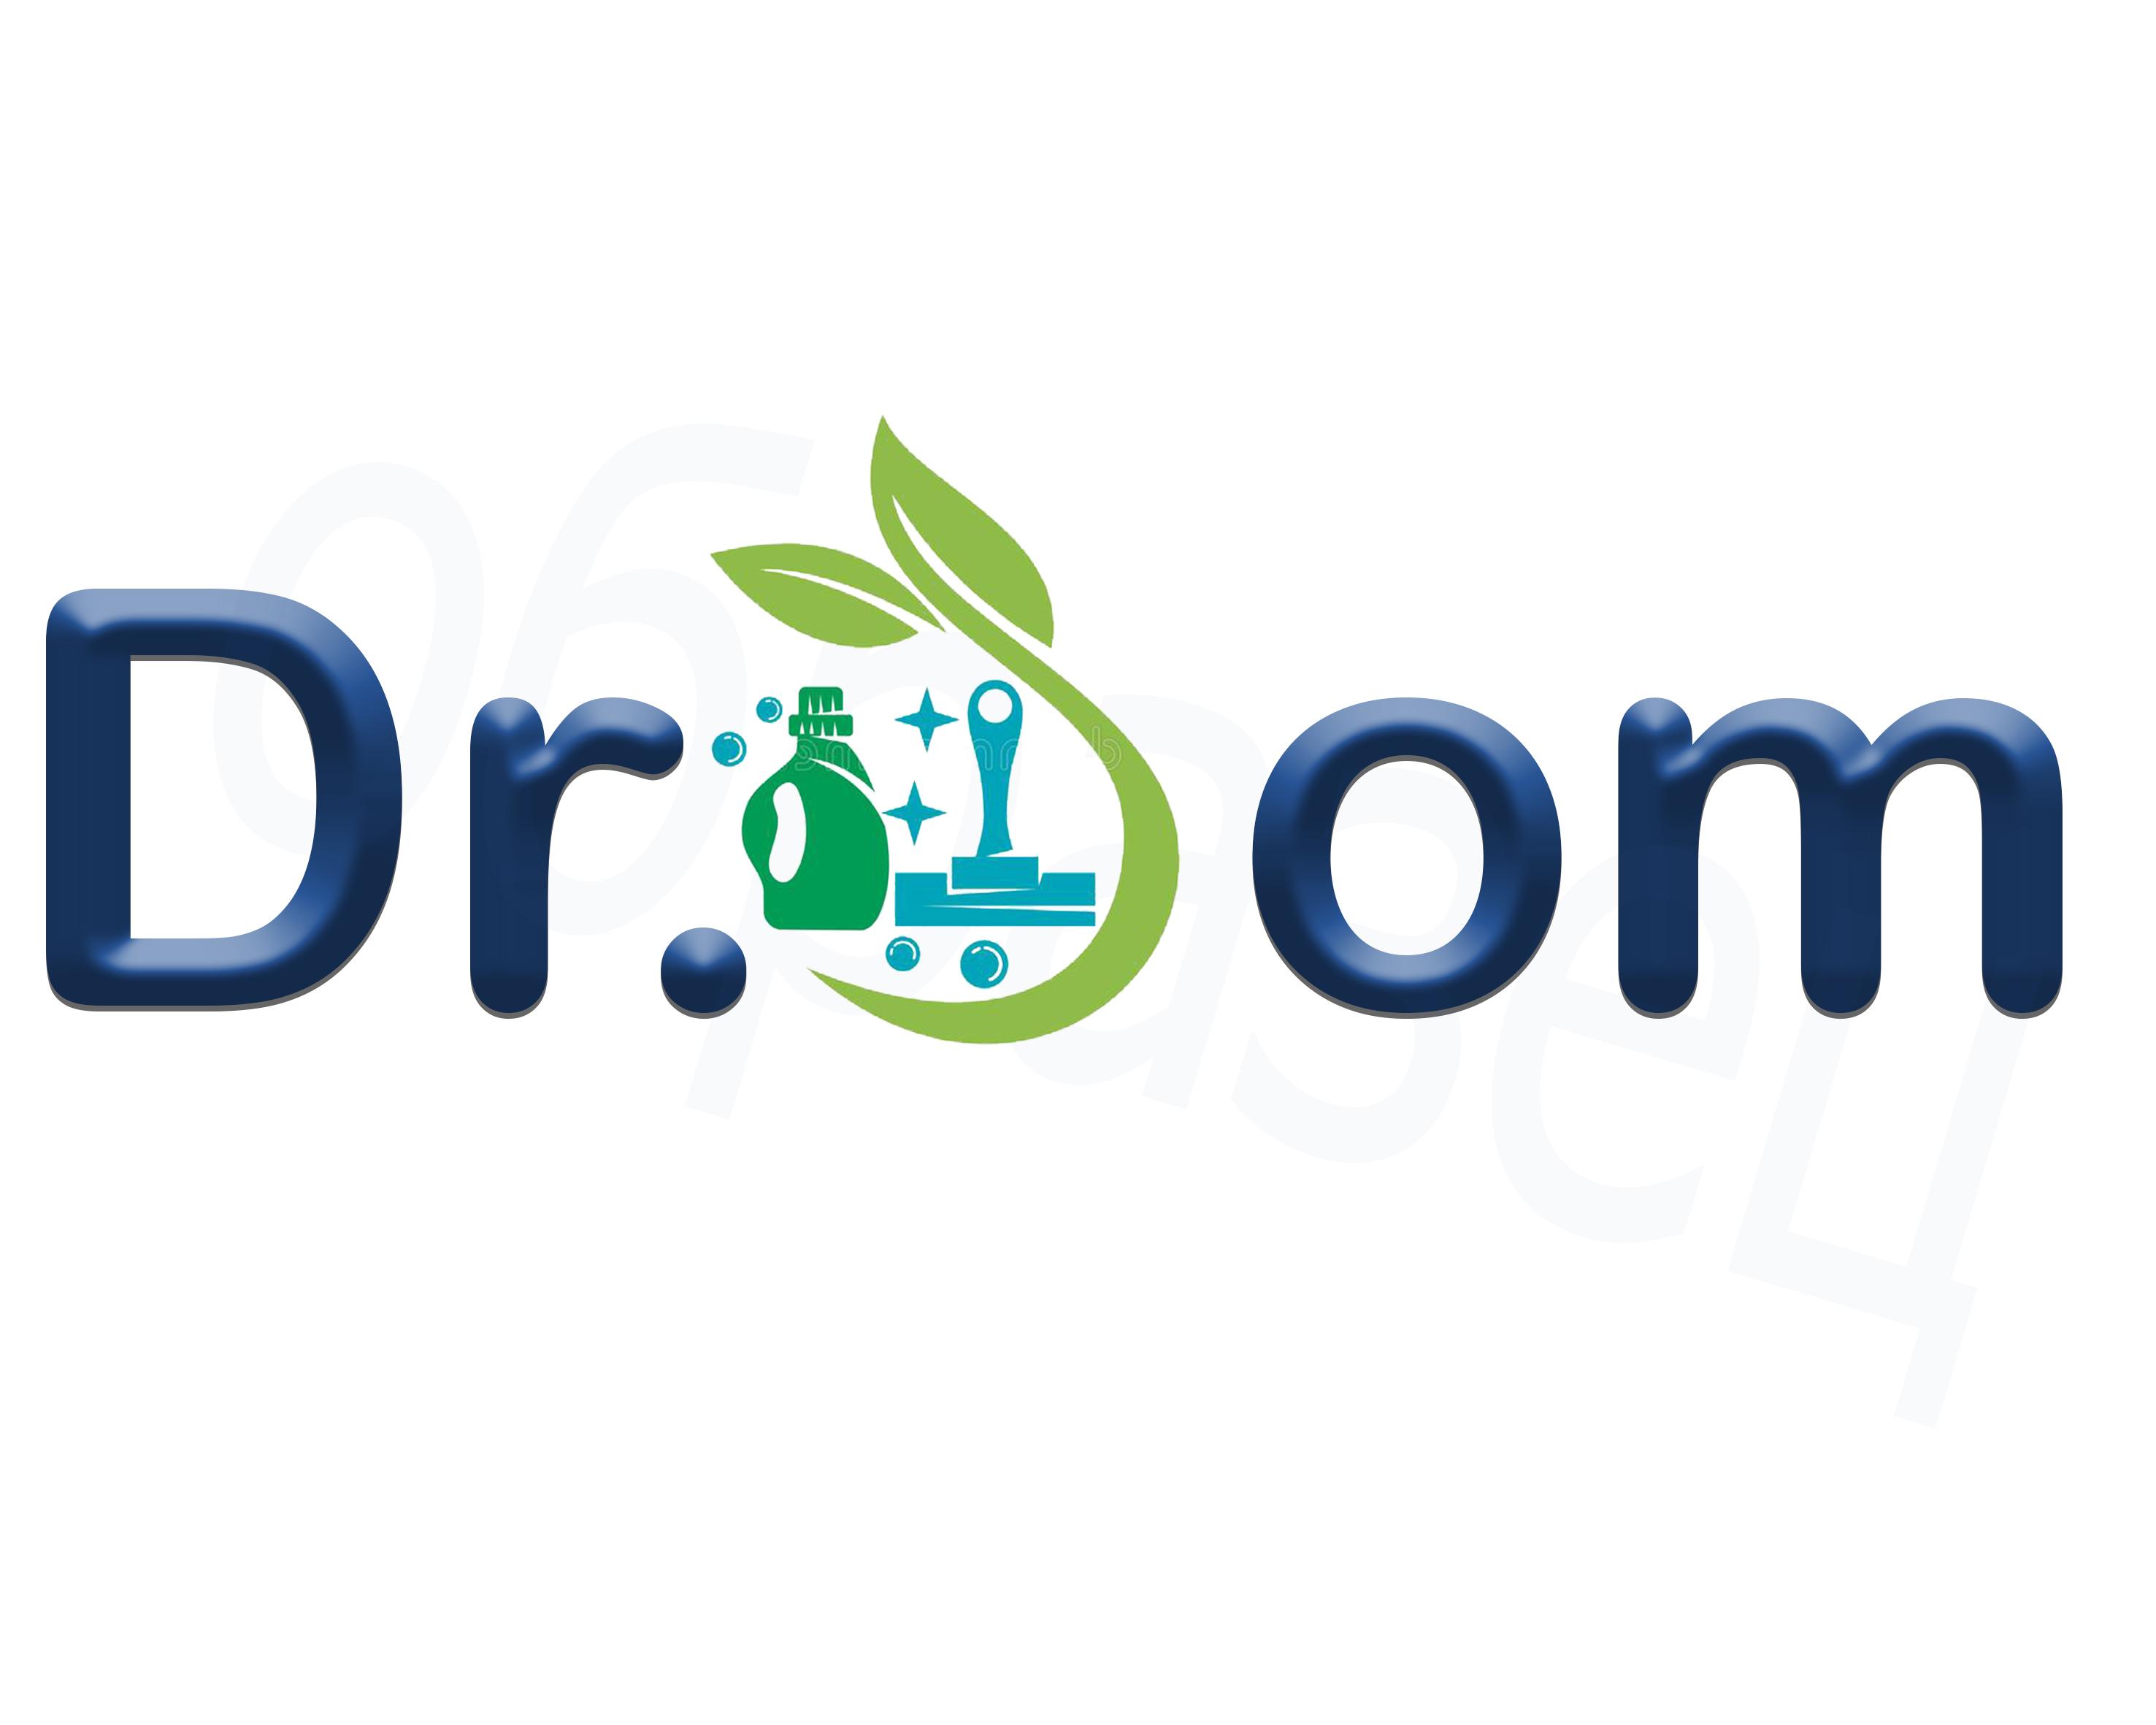 Разработать логотип для сети магазинов бытовой химии и товаров для уборки фото f_3515ffeaccba2f1e.jpg